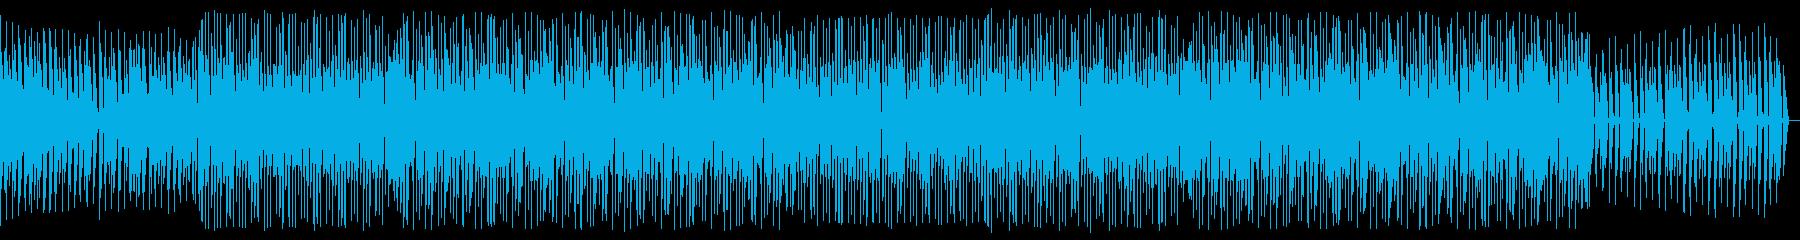 忍び寄るようなテクノの再生済みの波形